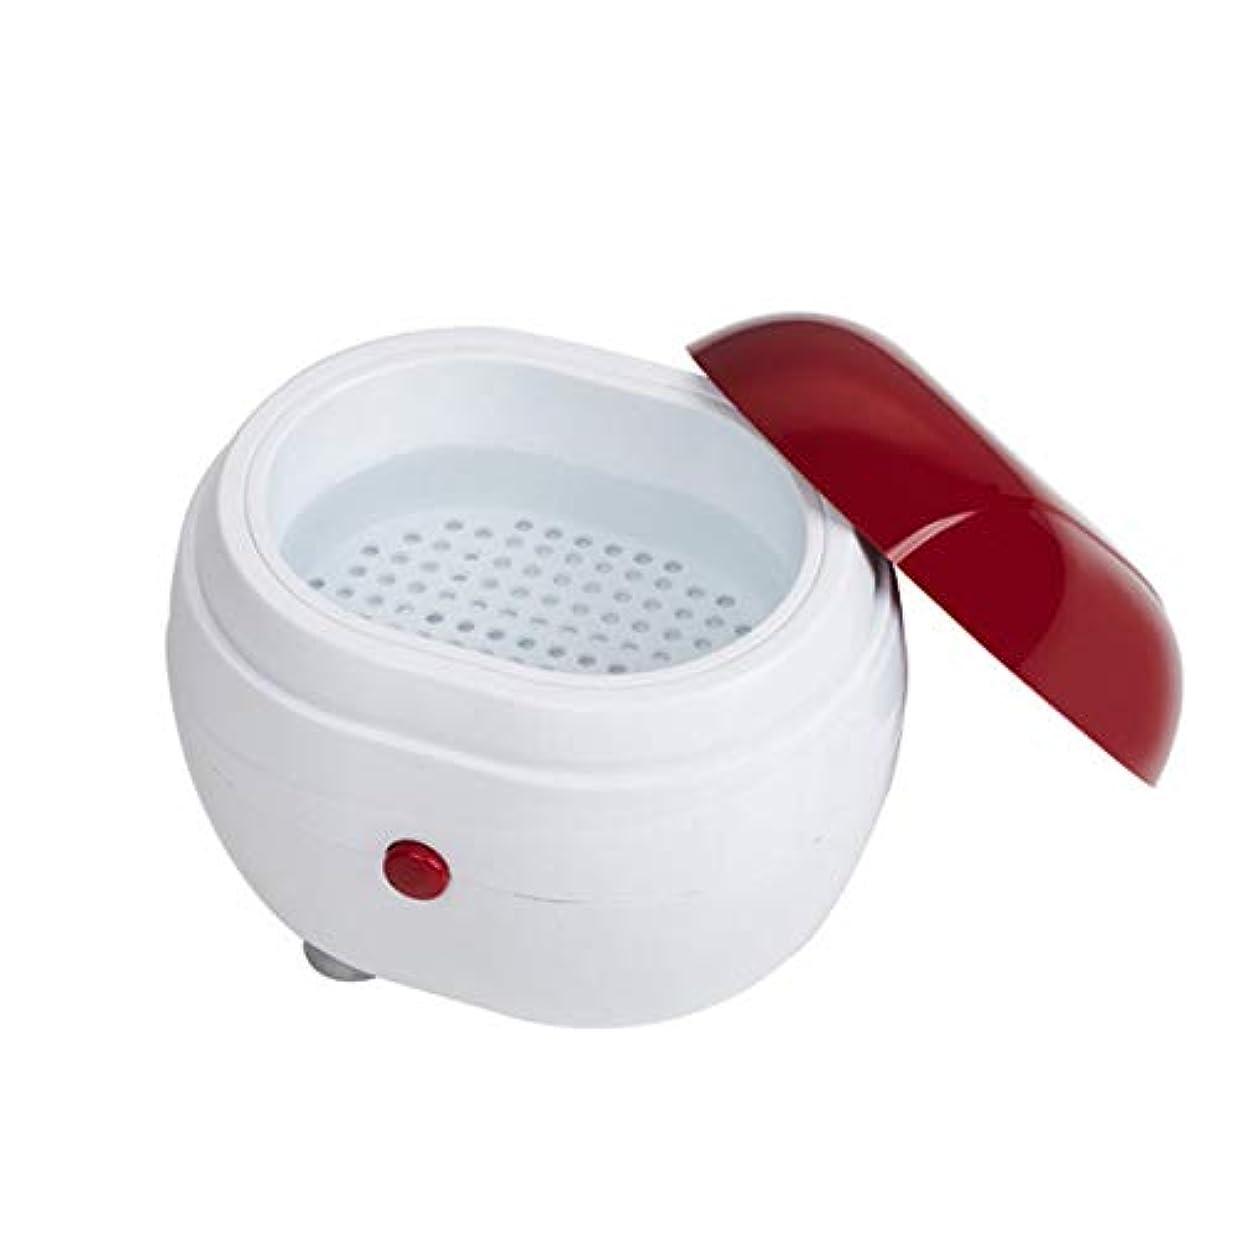 説明するコークス依存ポータブル超音波洗濯機家庭用ジュエリーレンズ時計入れ歯クリーニング機洗濯機クリーナークリーニングボックス - 赤&白